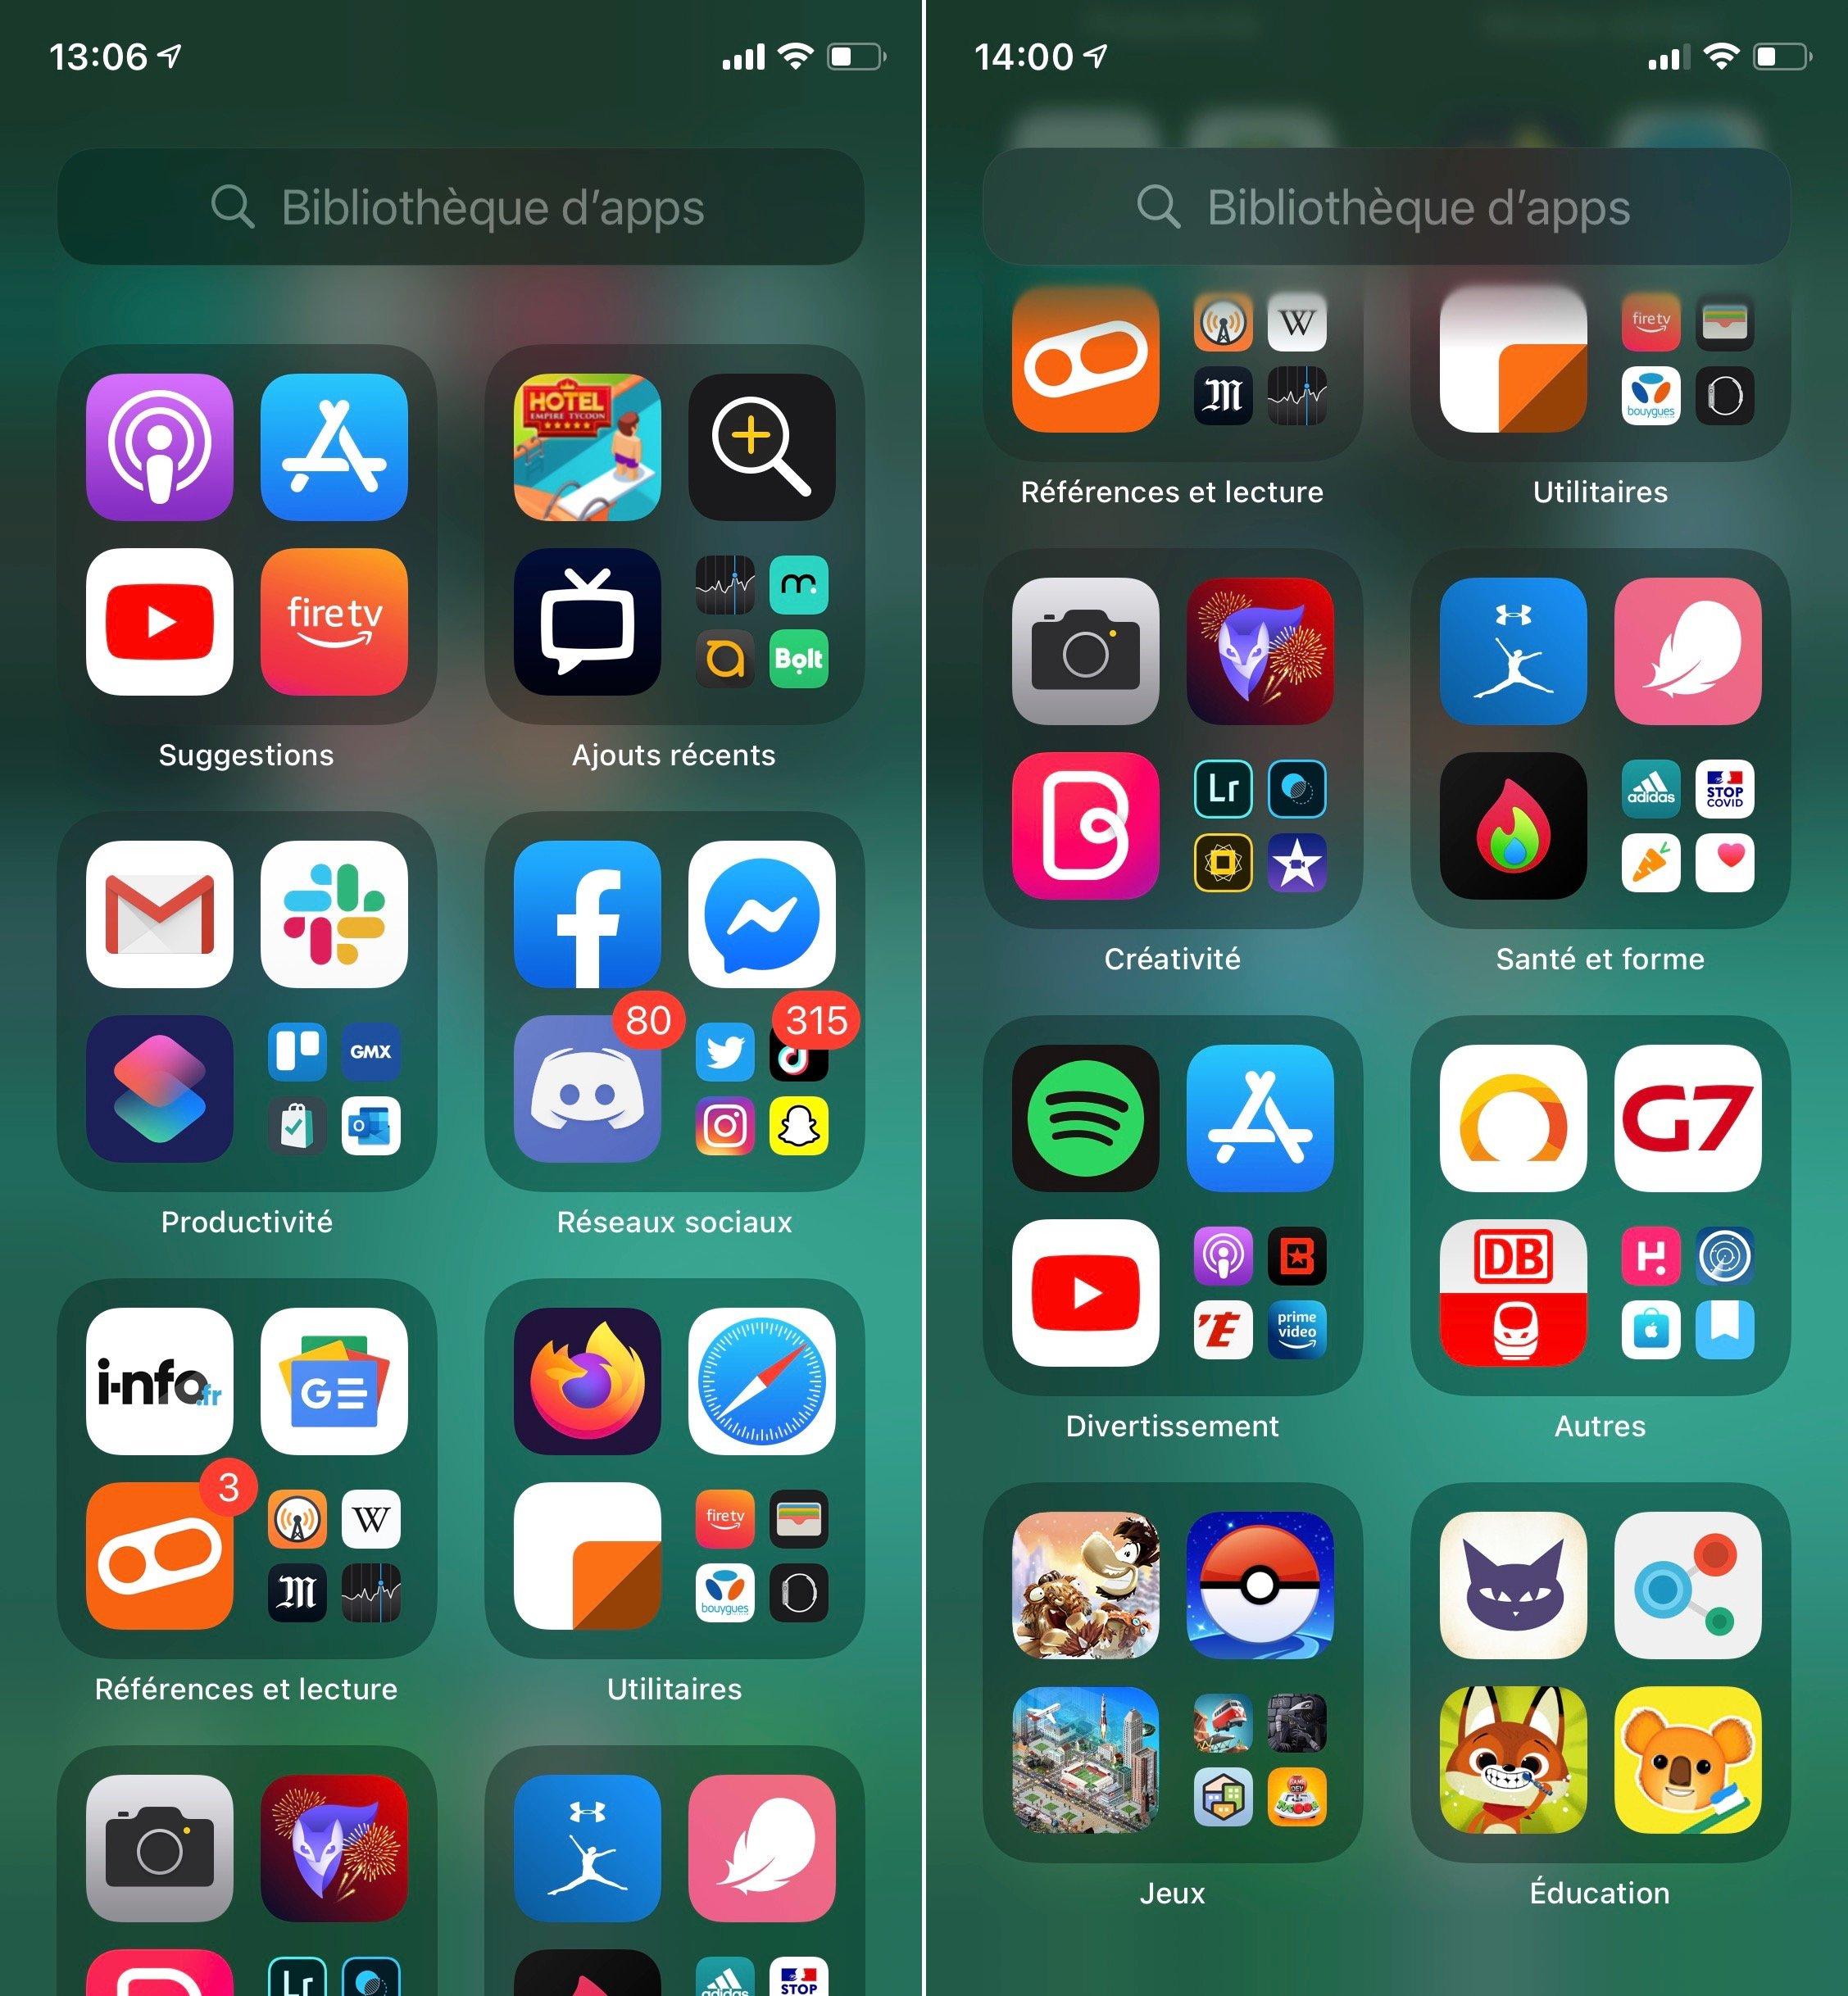 Aperçu bibliothèque d'apps